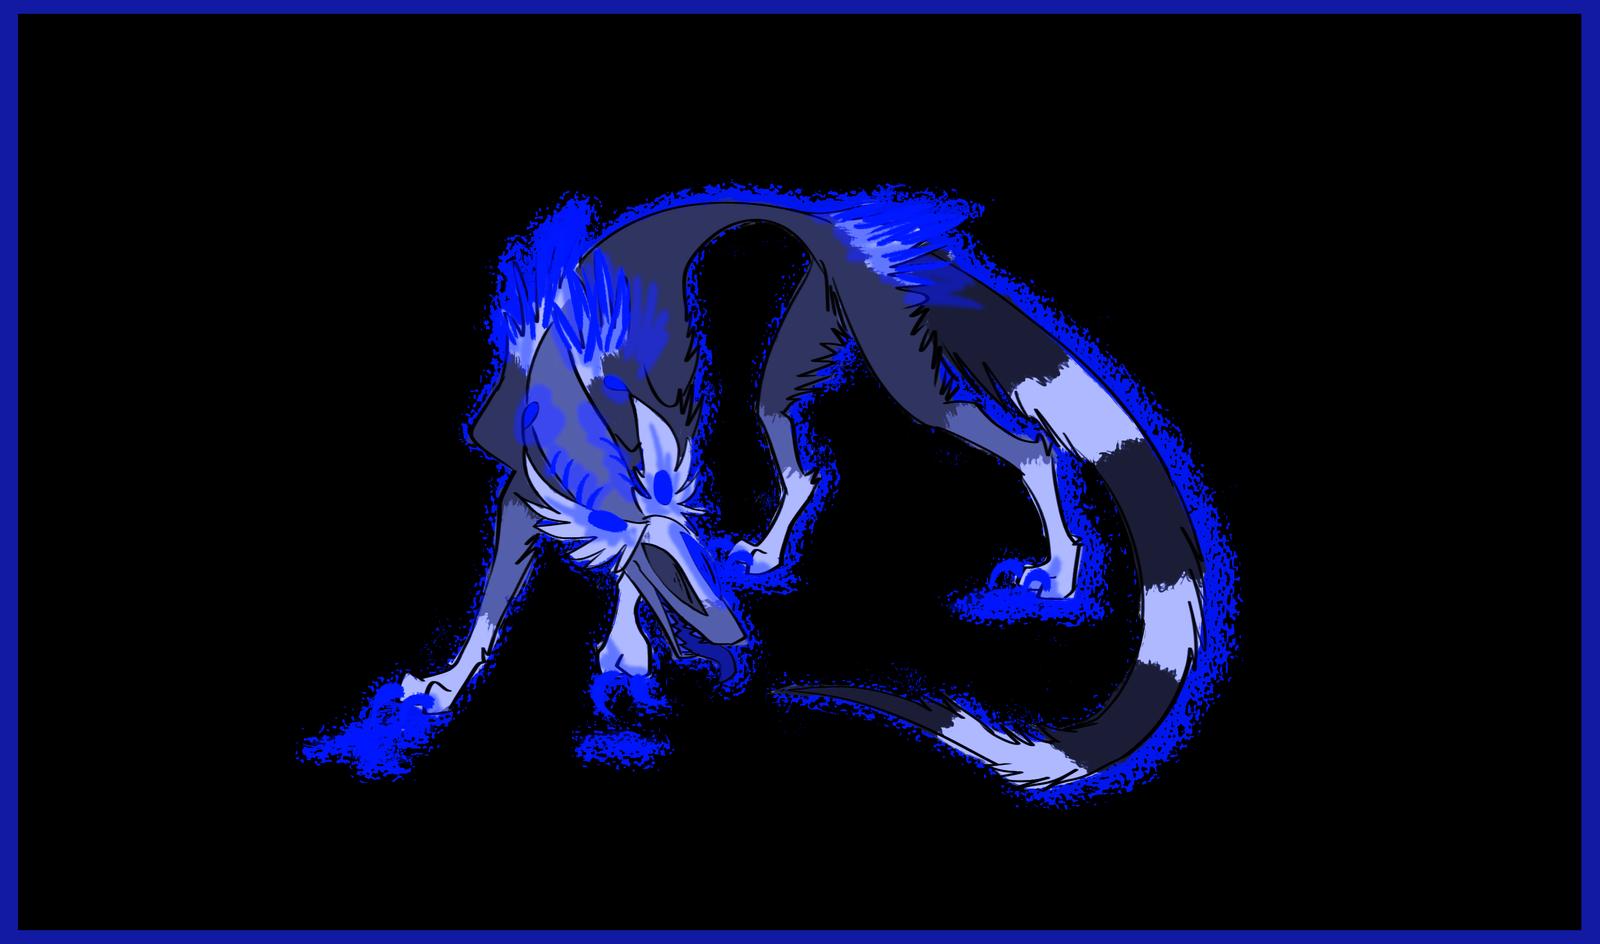 KI Dark by fluffyz